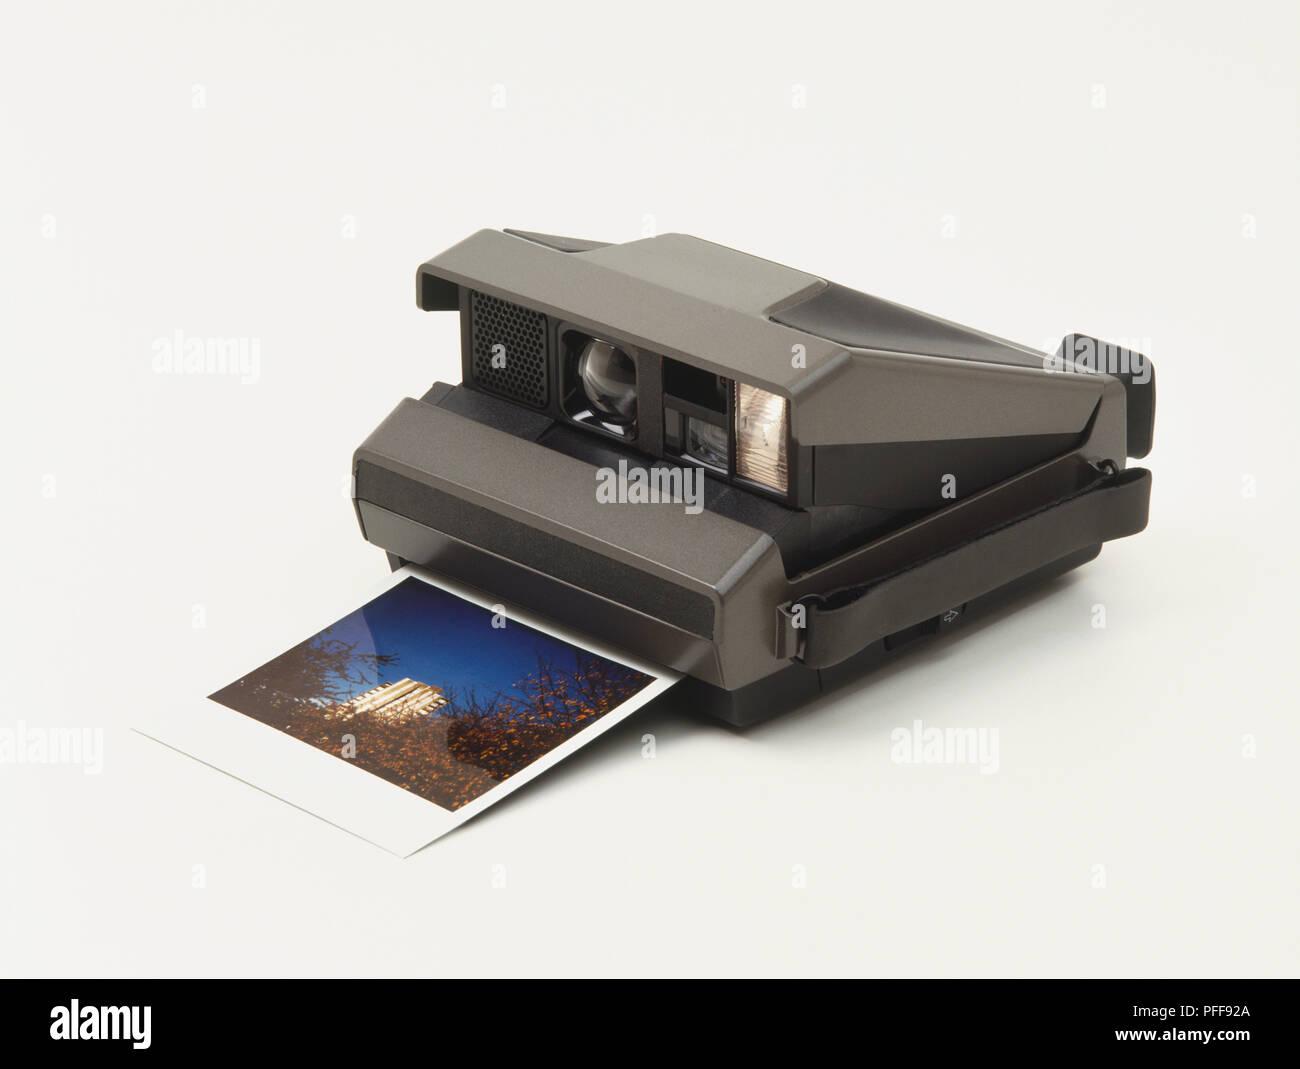 Polaroid Kamera Mit Fotografischen Drucken Aus Papier Steckplatz